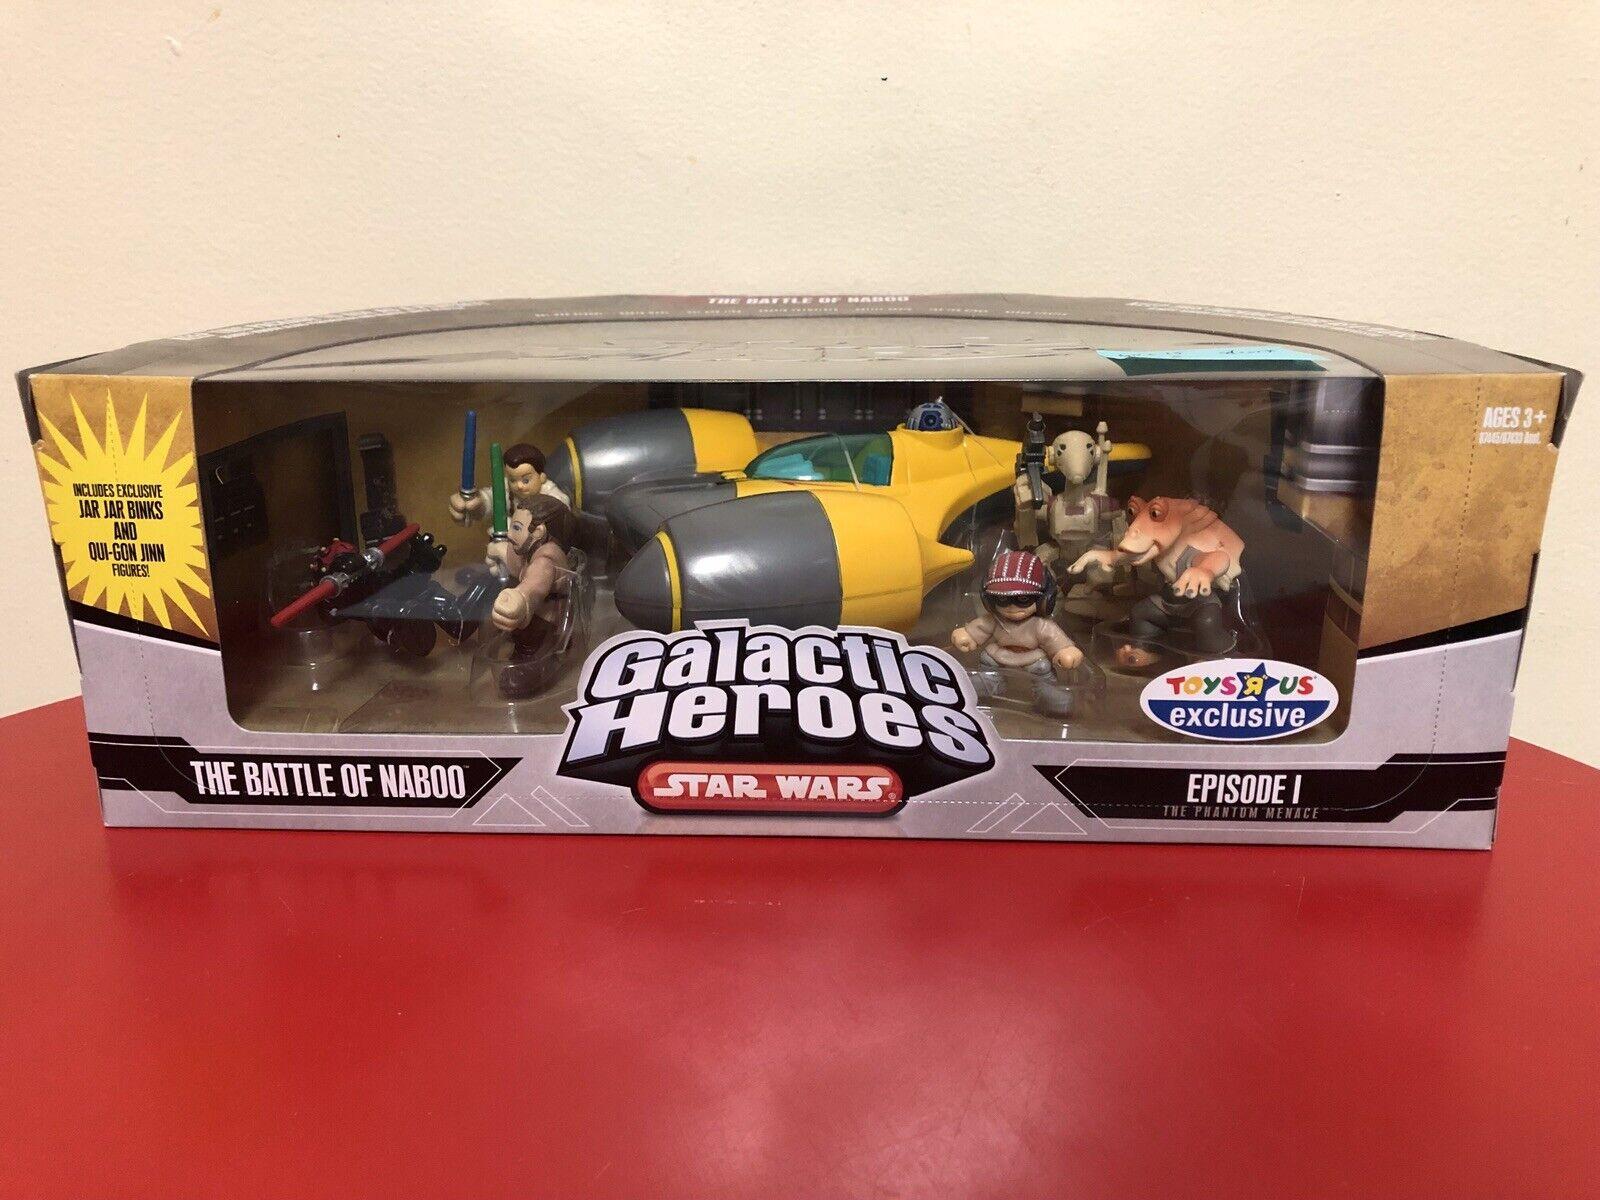 Star Wars Galactic Heroes - THE BATTLE OF NABOO NIB Darth Maul Starfighter